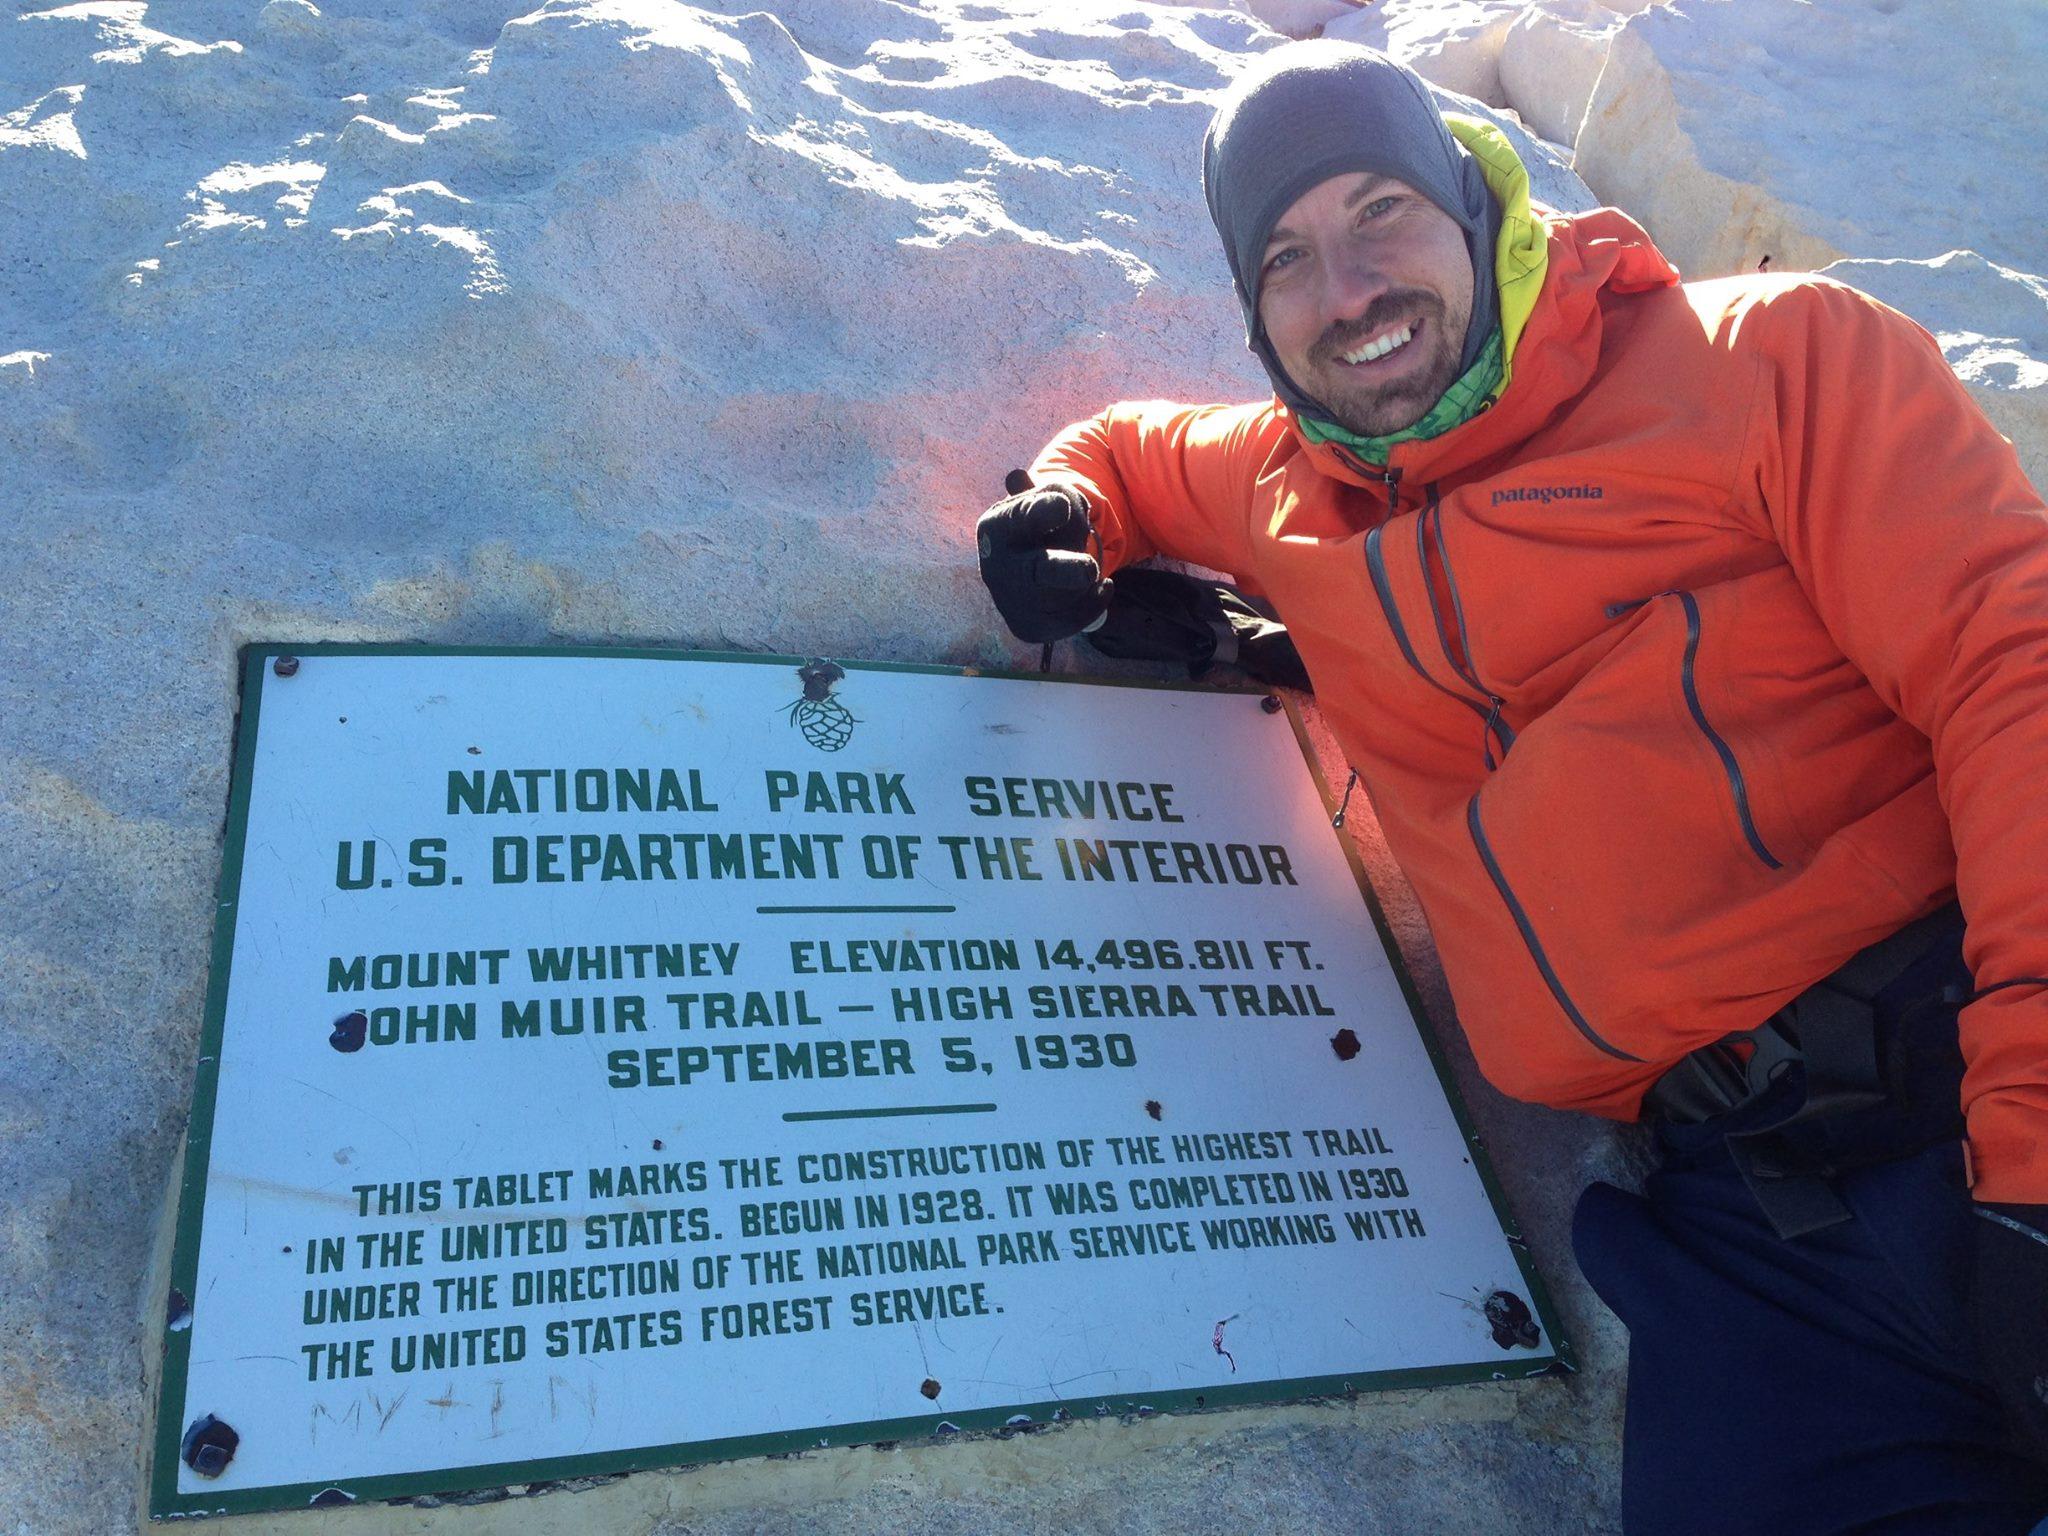 NPS Summit Signage